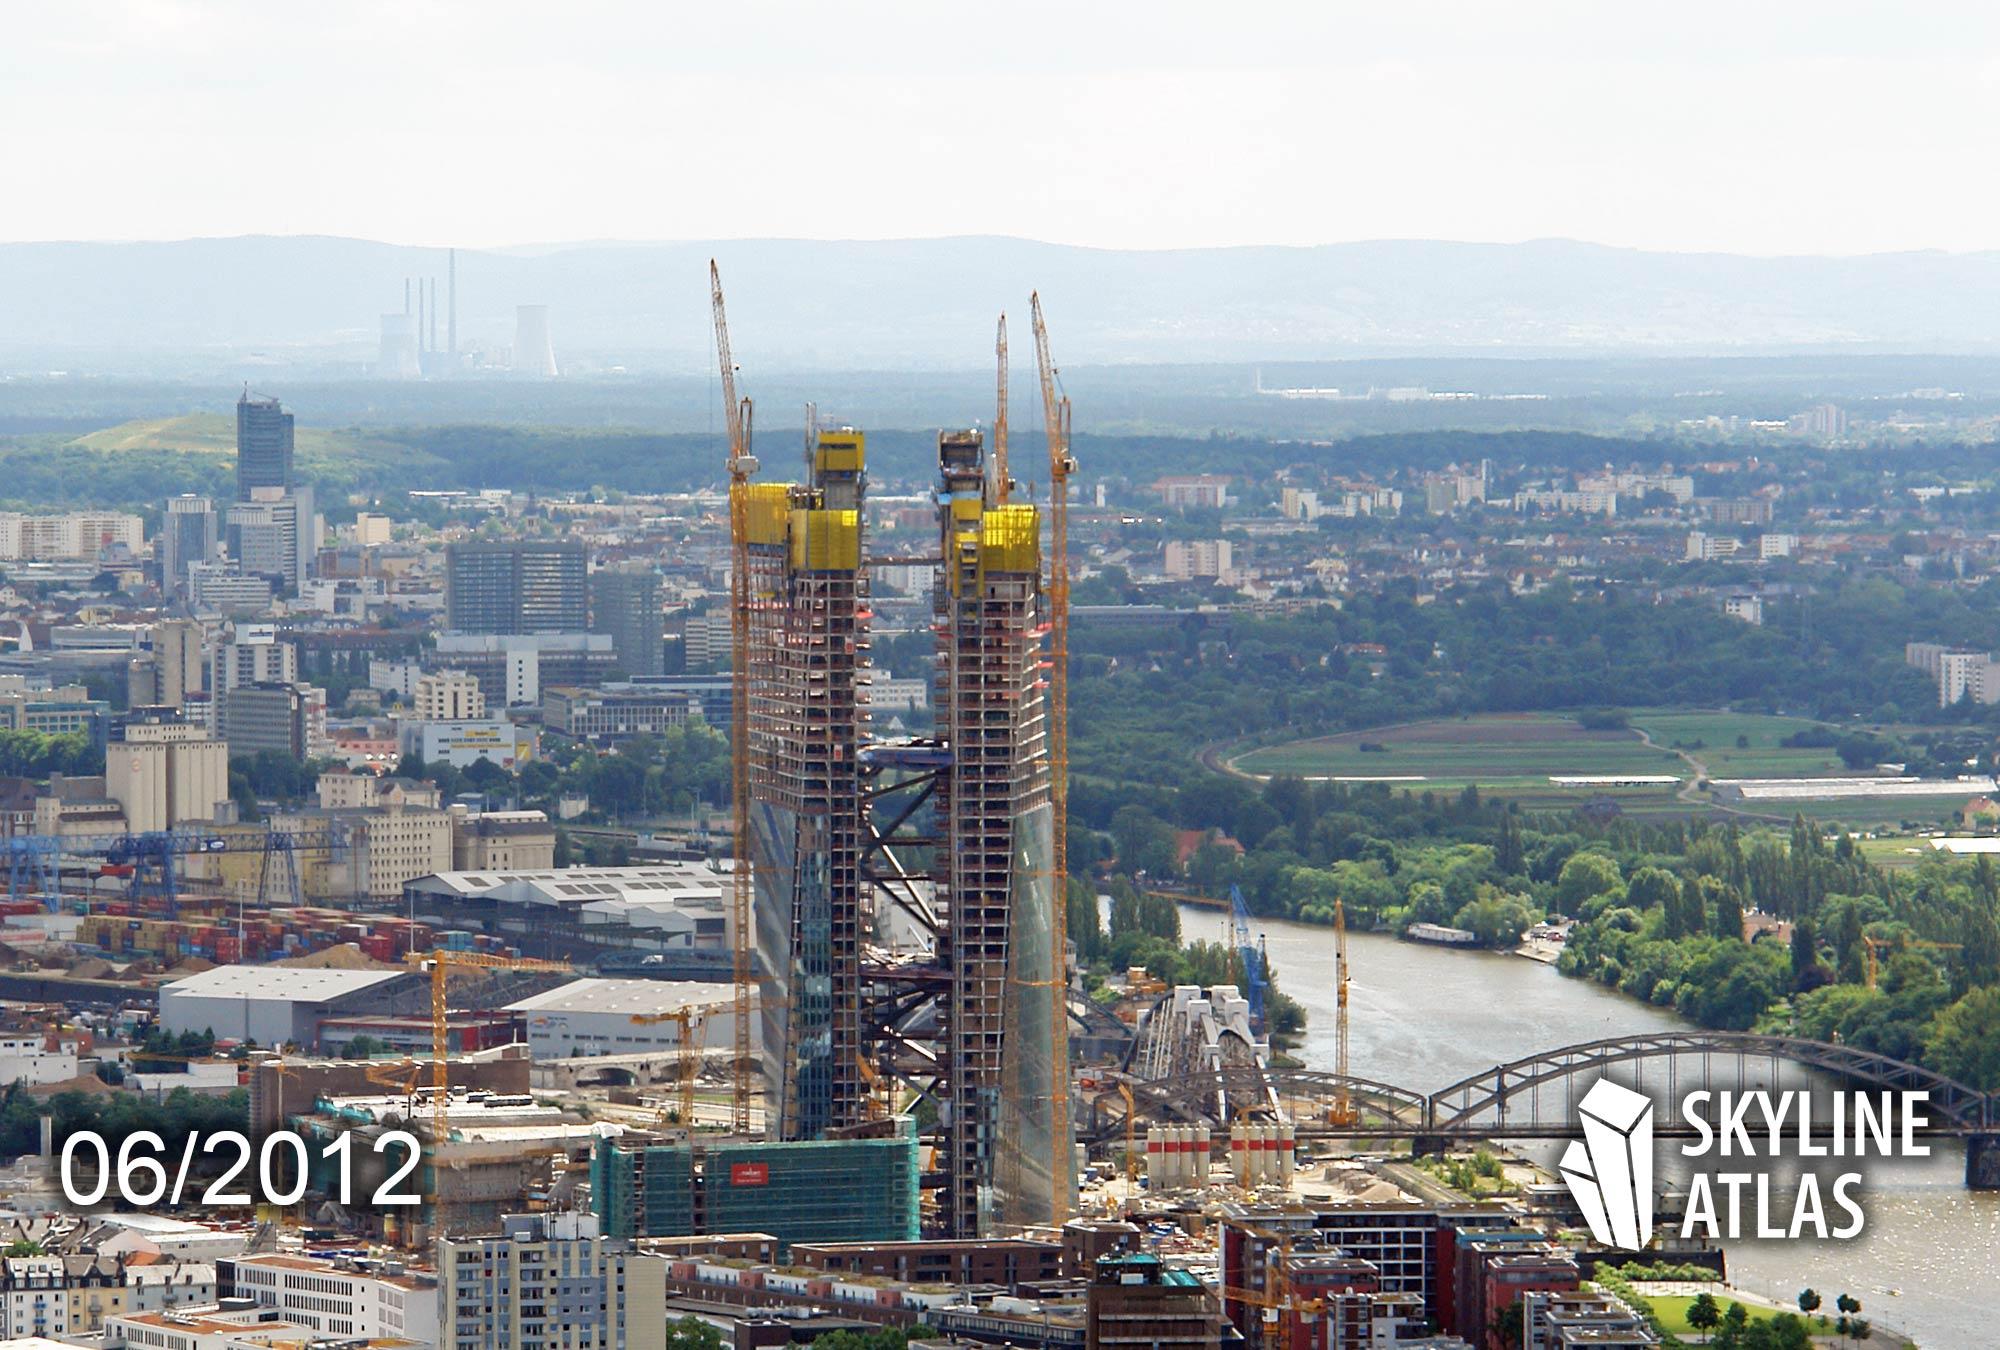 Tragwerk der EZB-Doppeltürme entsteht - Bauarbeiten Europäische Zentralbank - Juni 2012